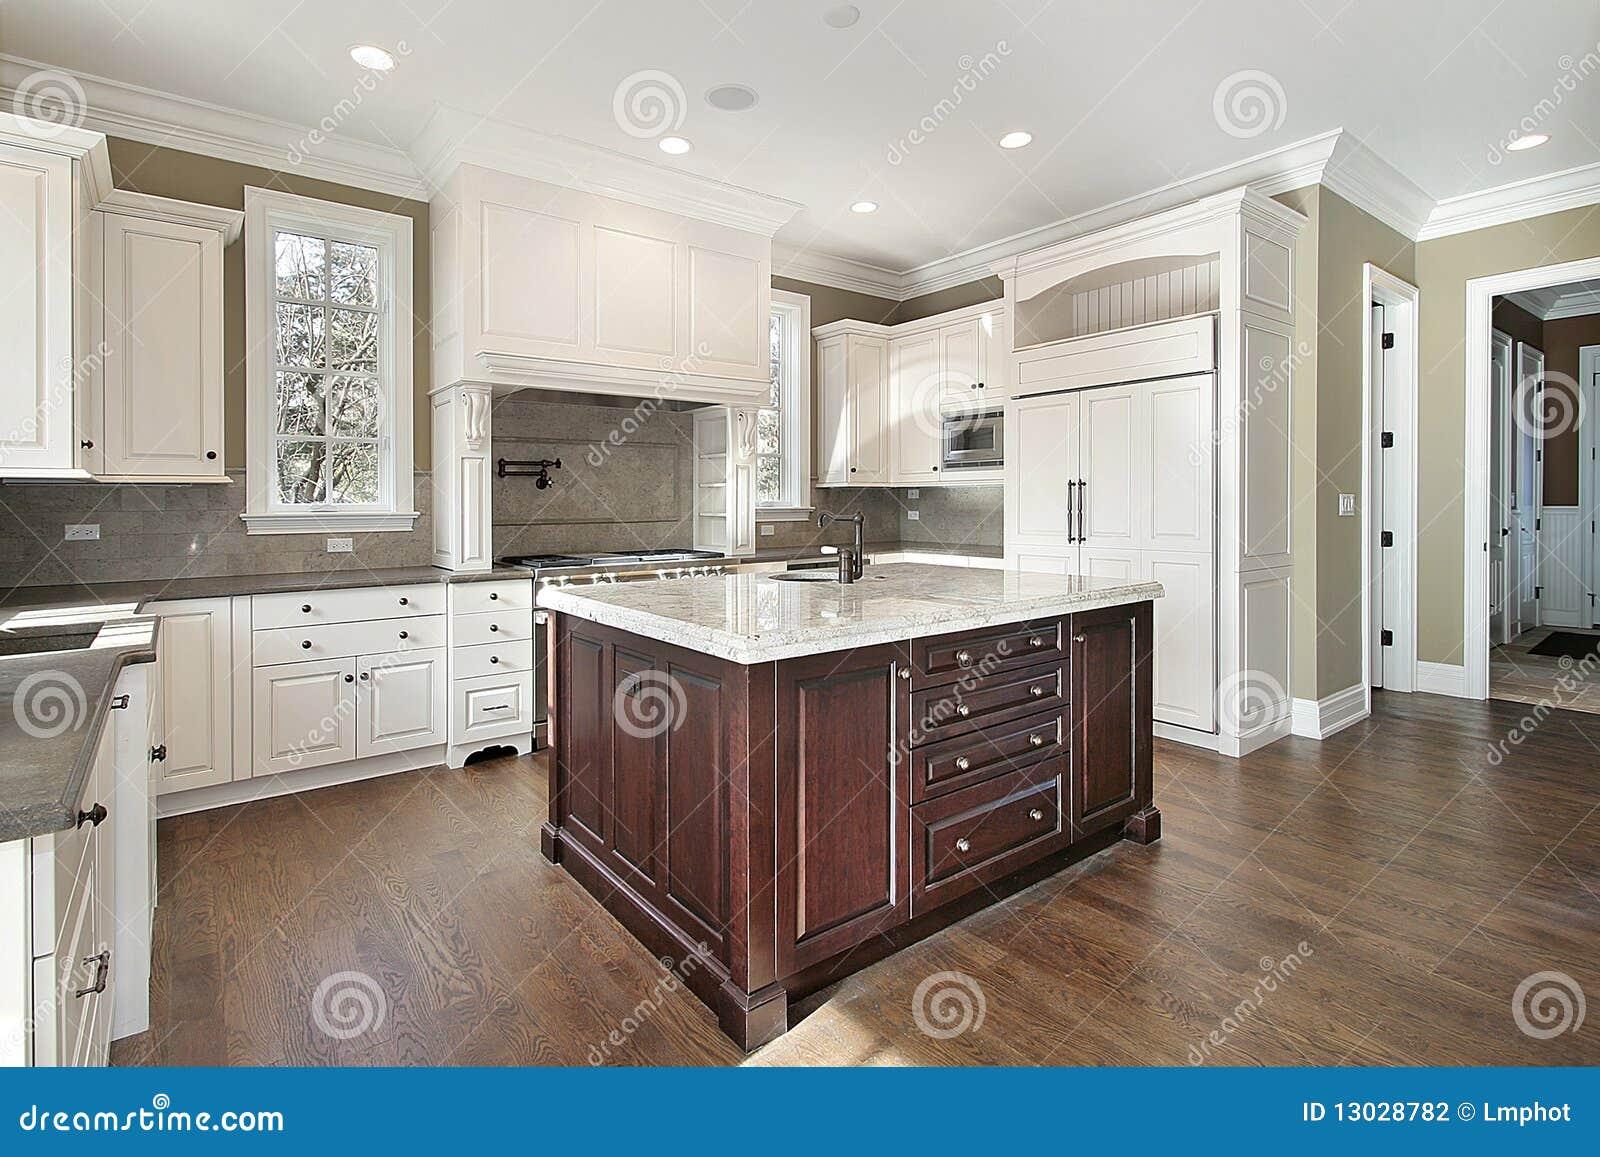 Küche mit Mittelinsel stockfoto. Bild von marmor, architektur - 13028782